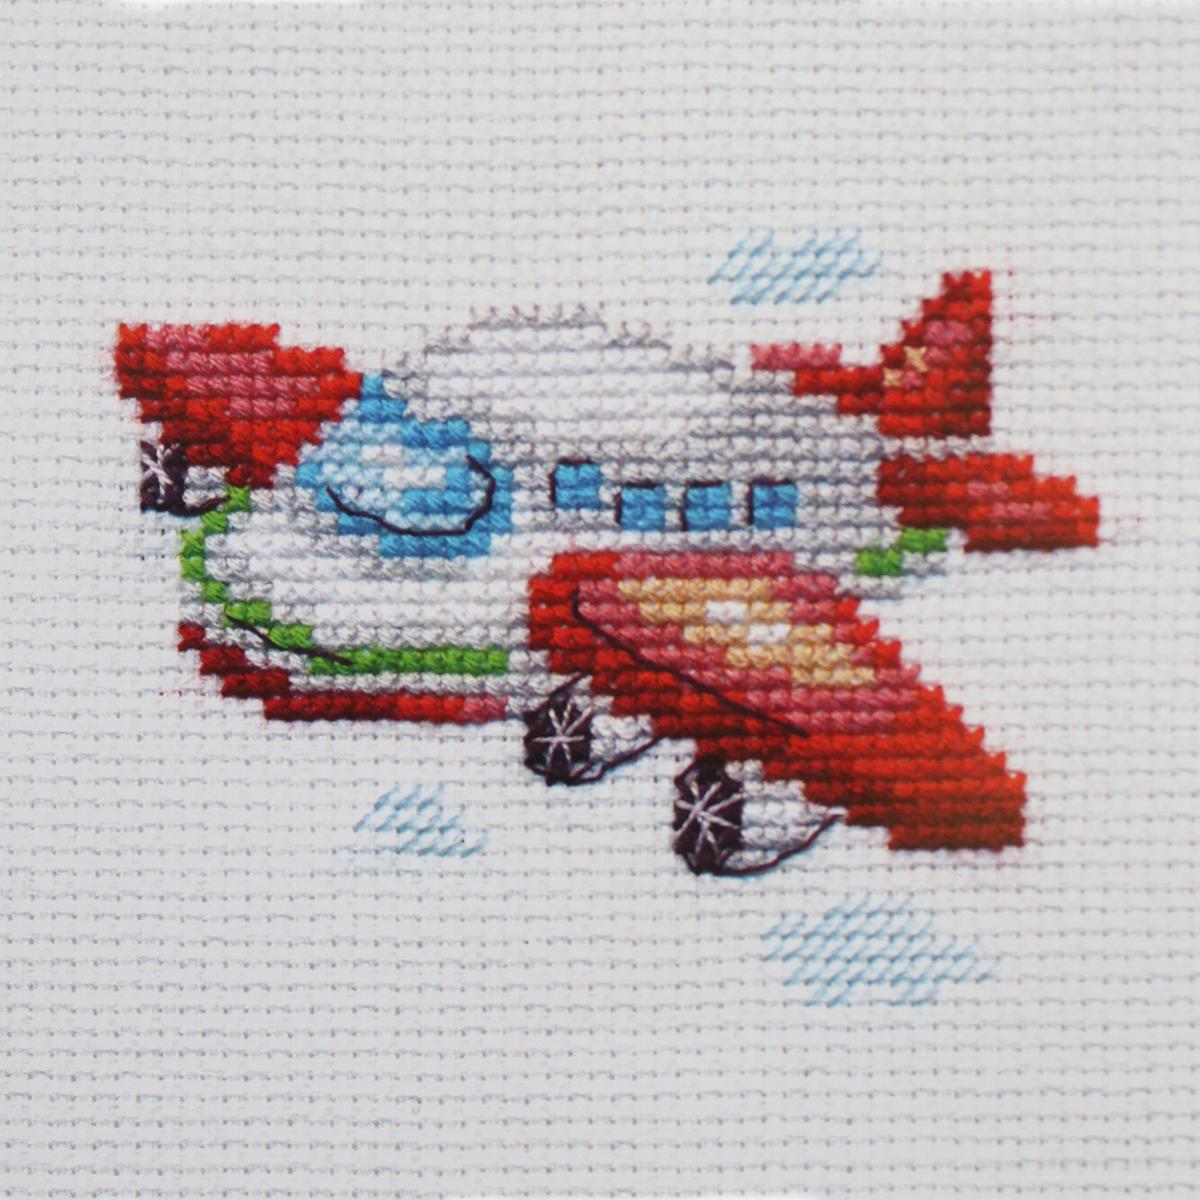 Набор для вышивания крестом Алиса Самолетик, 6 х 8 см цена